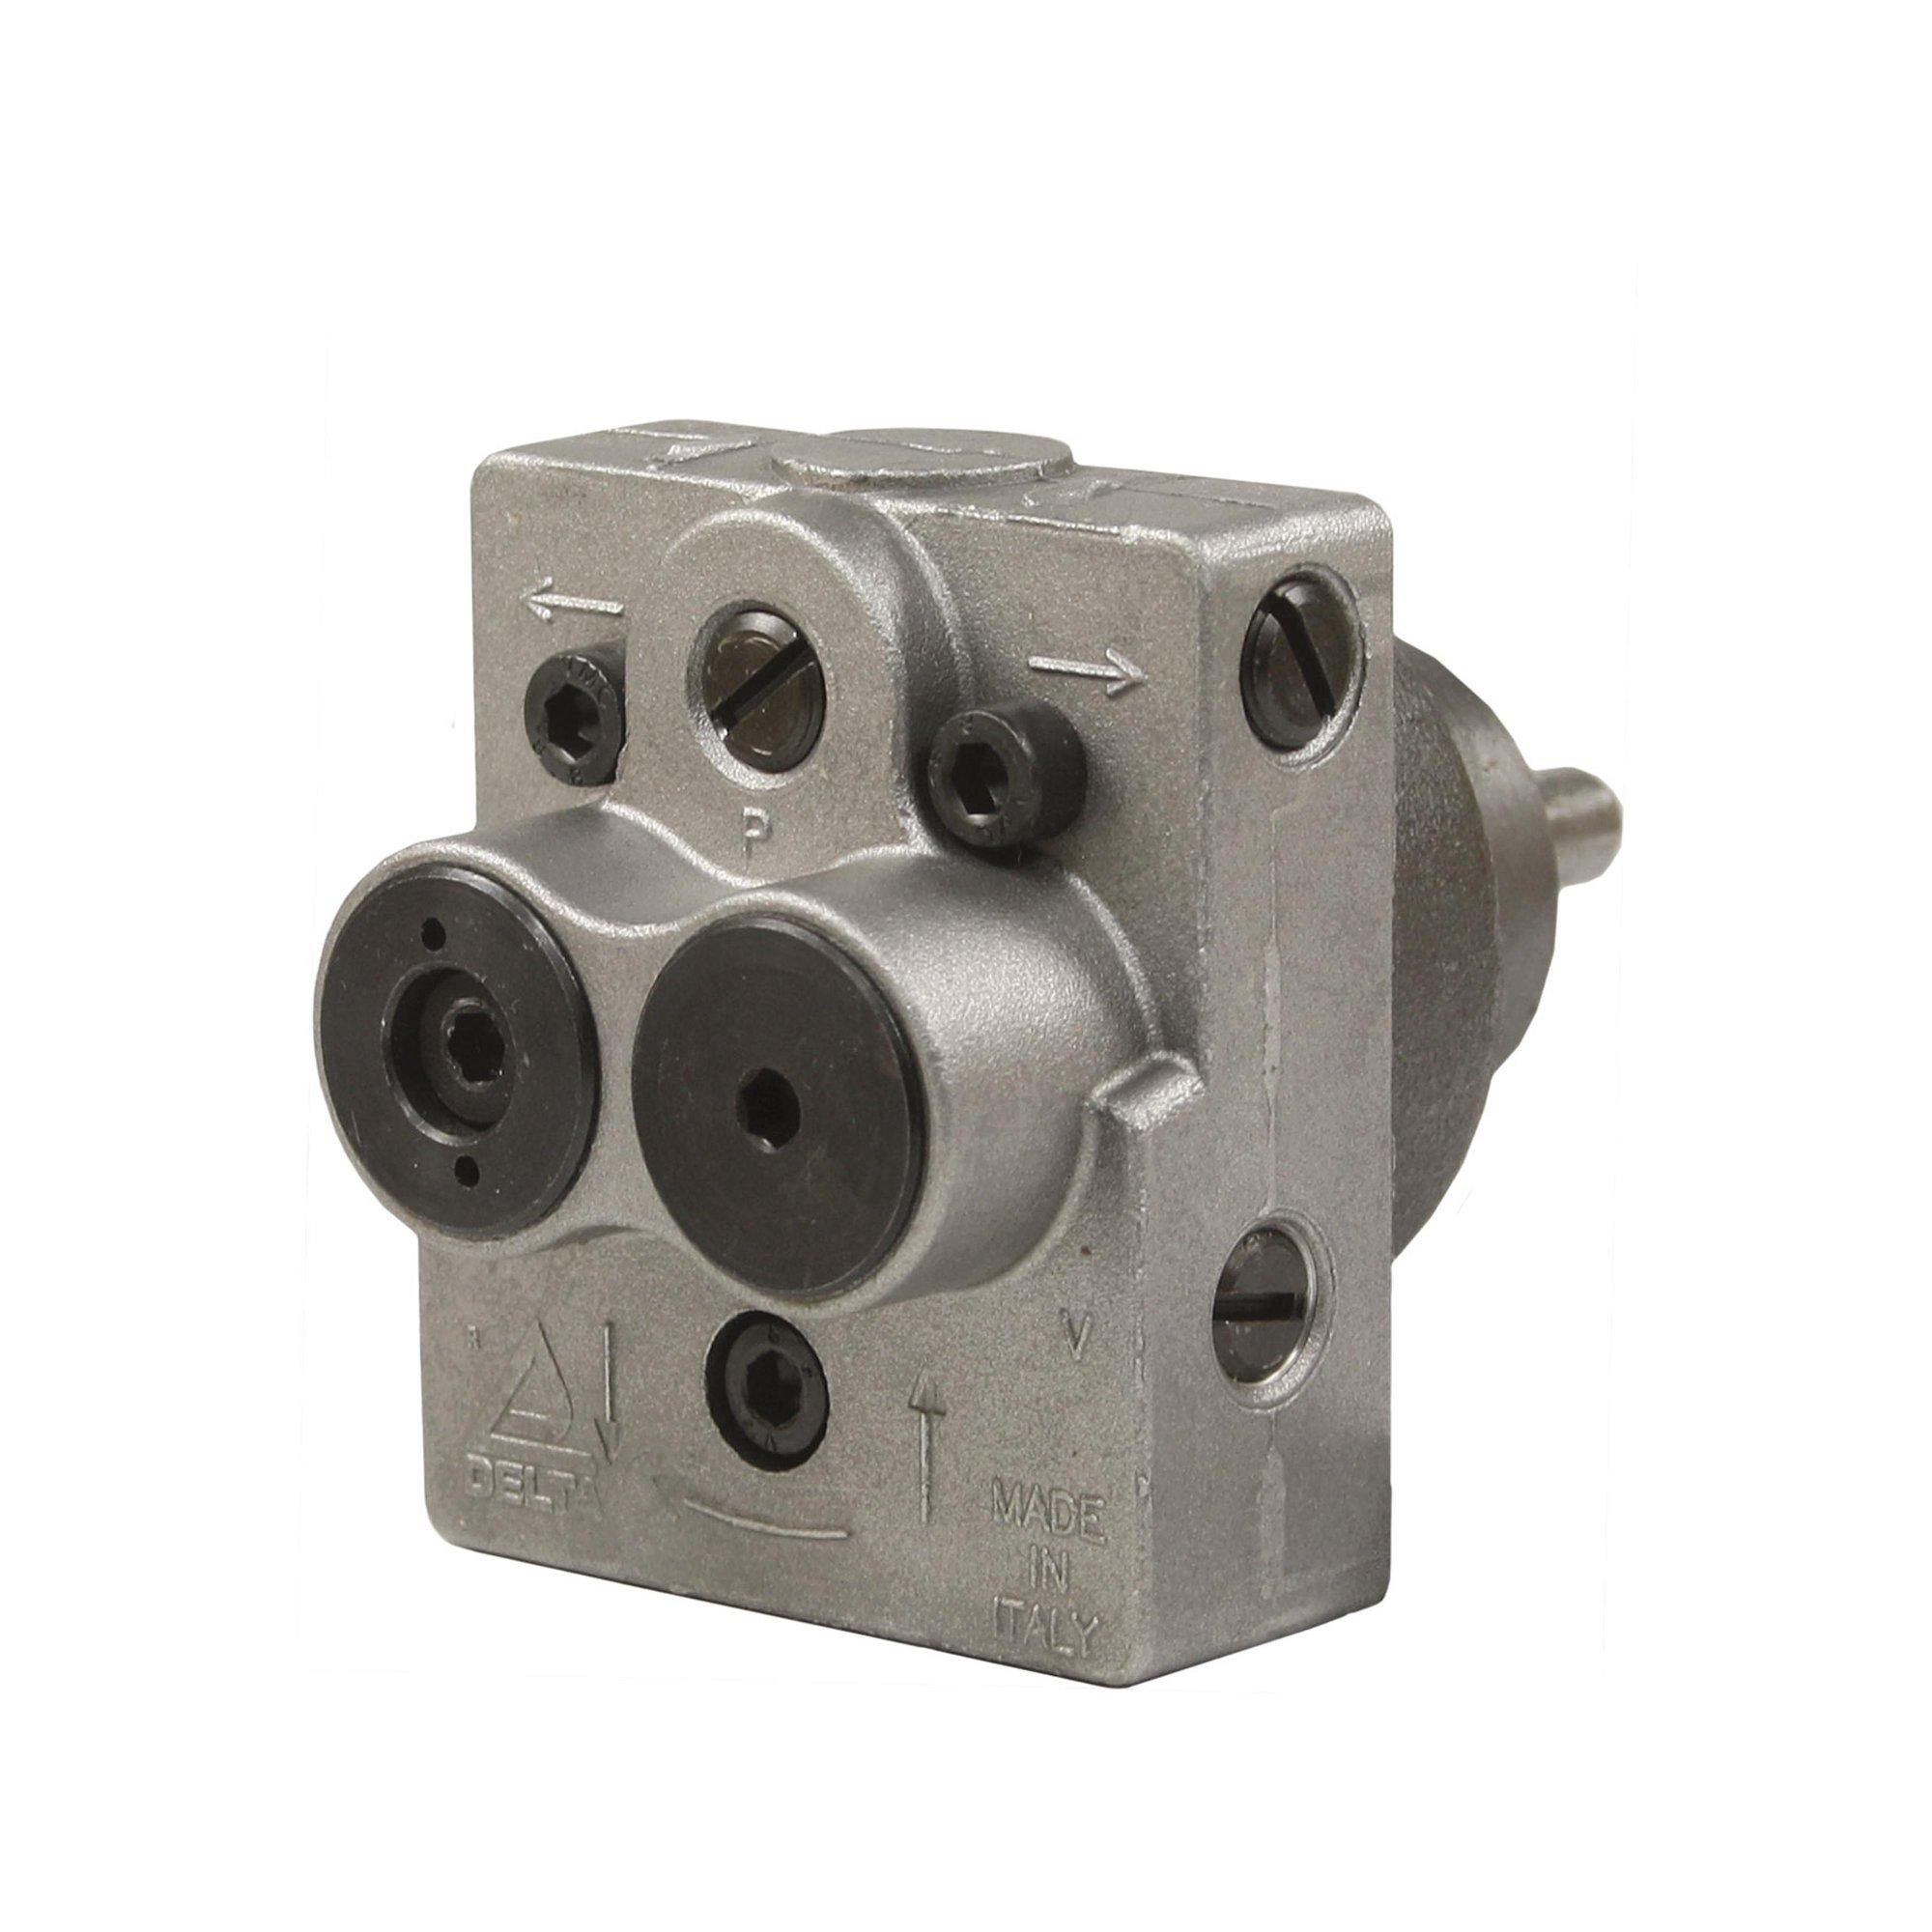 Ölpumpe DELTA, Typ AD1R2, Nabe=32mm Ölpumpe DELTA AD1 R2